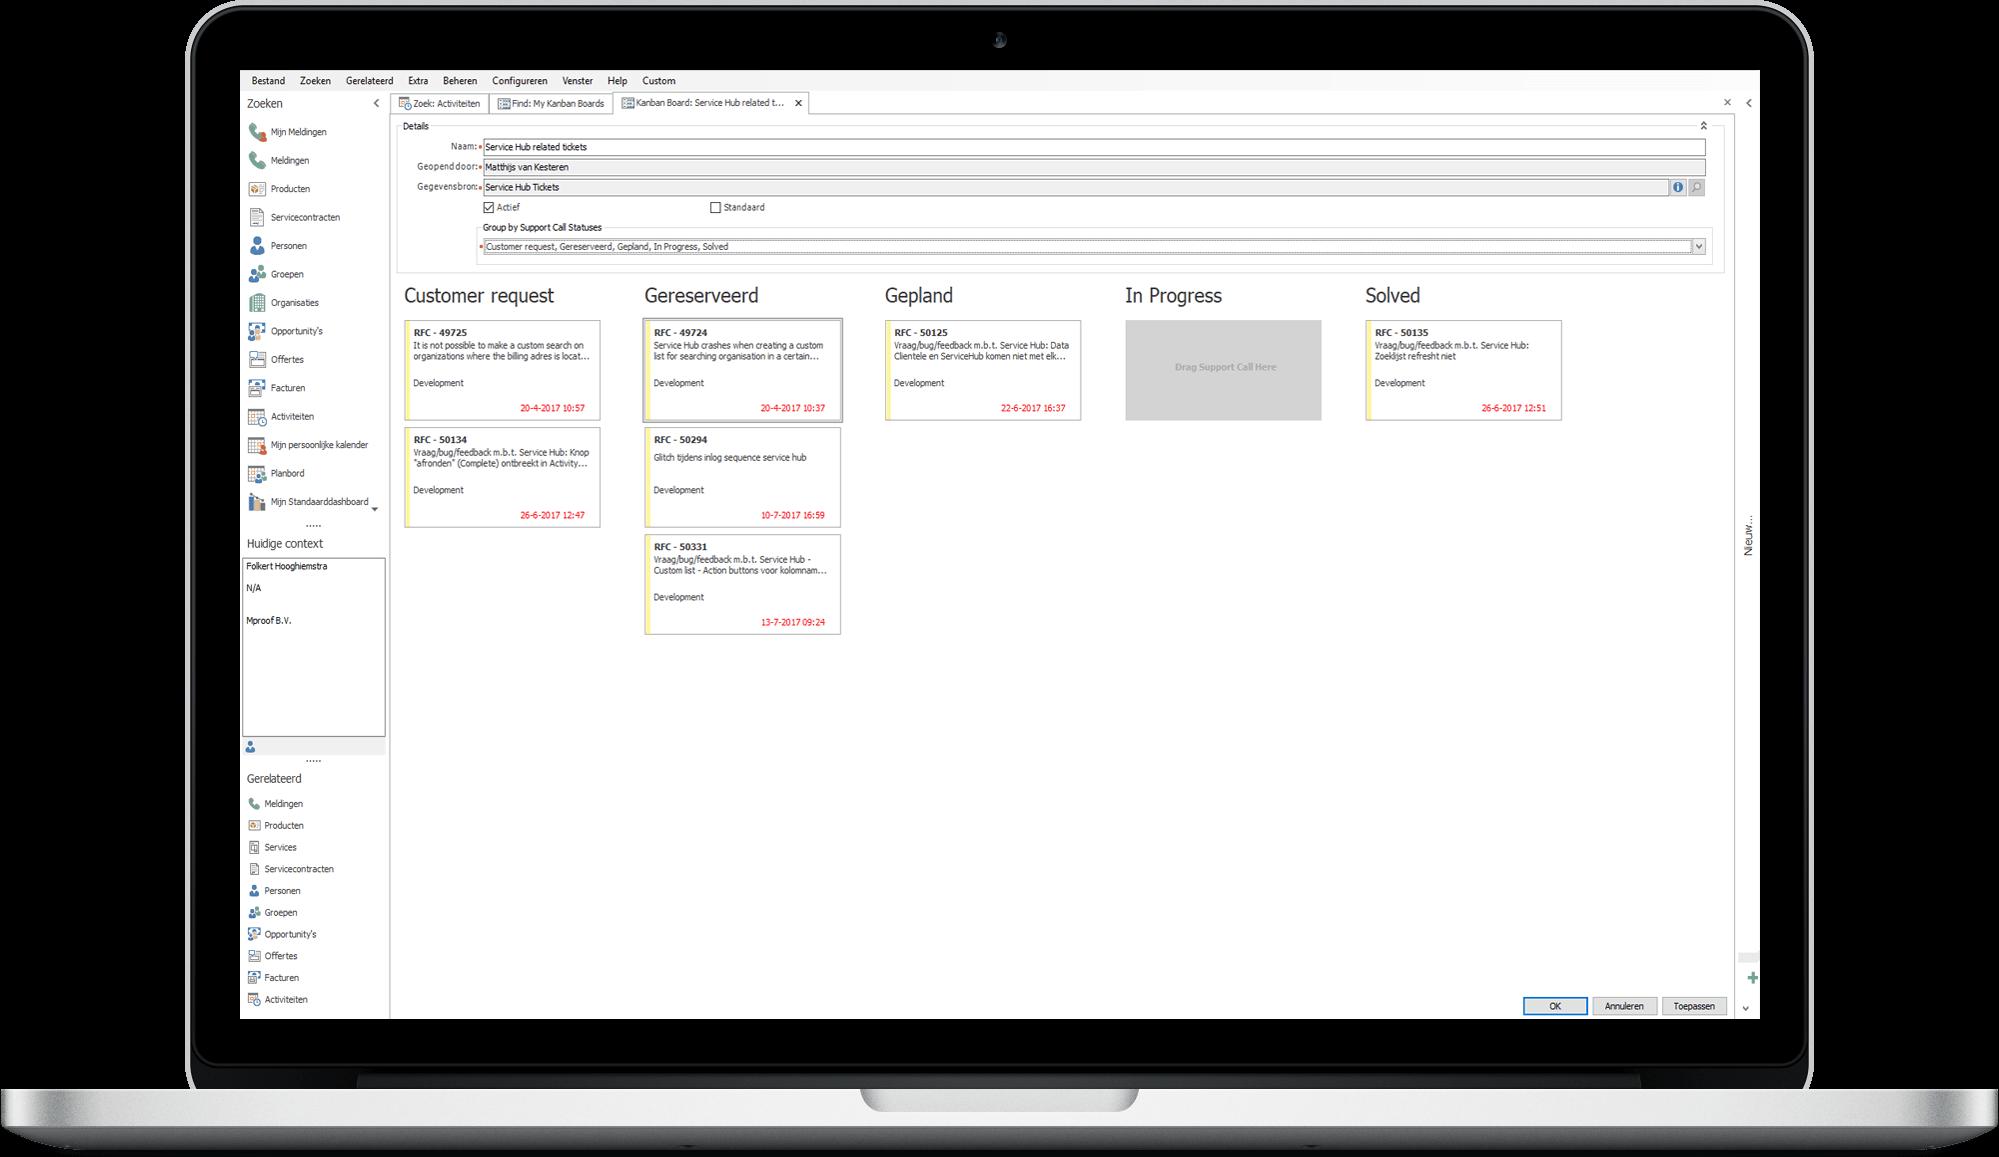 Met het uitgebreide kanban bord in Clientele ITSM krijgt u grip op uw ITIL software en ITSM processen.